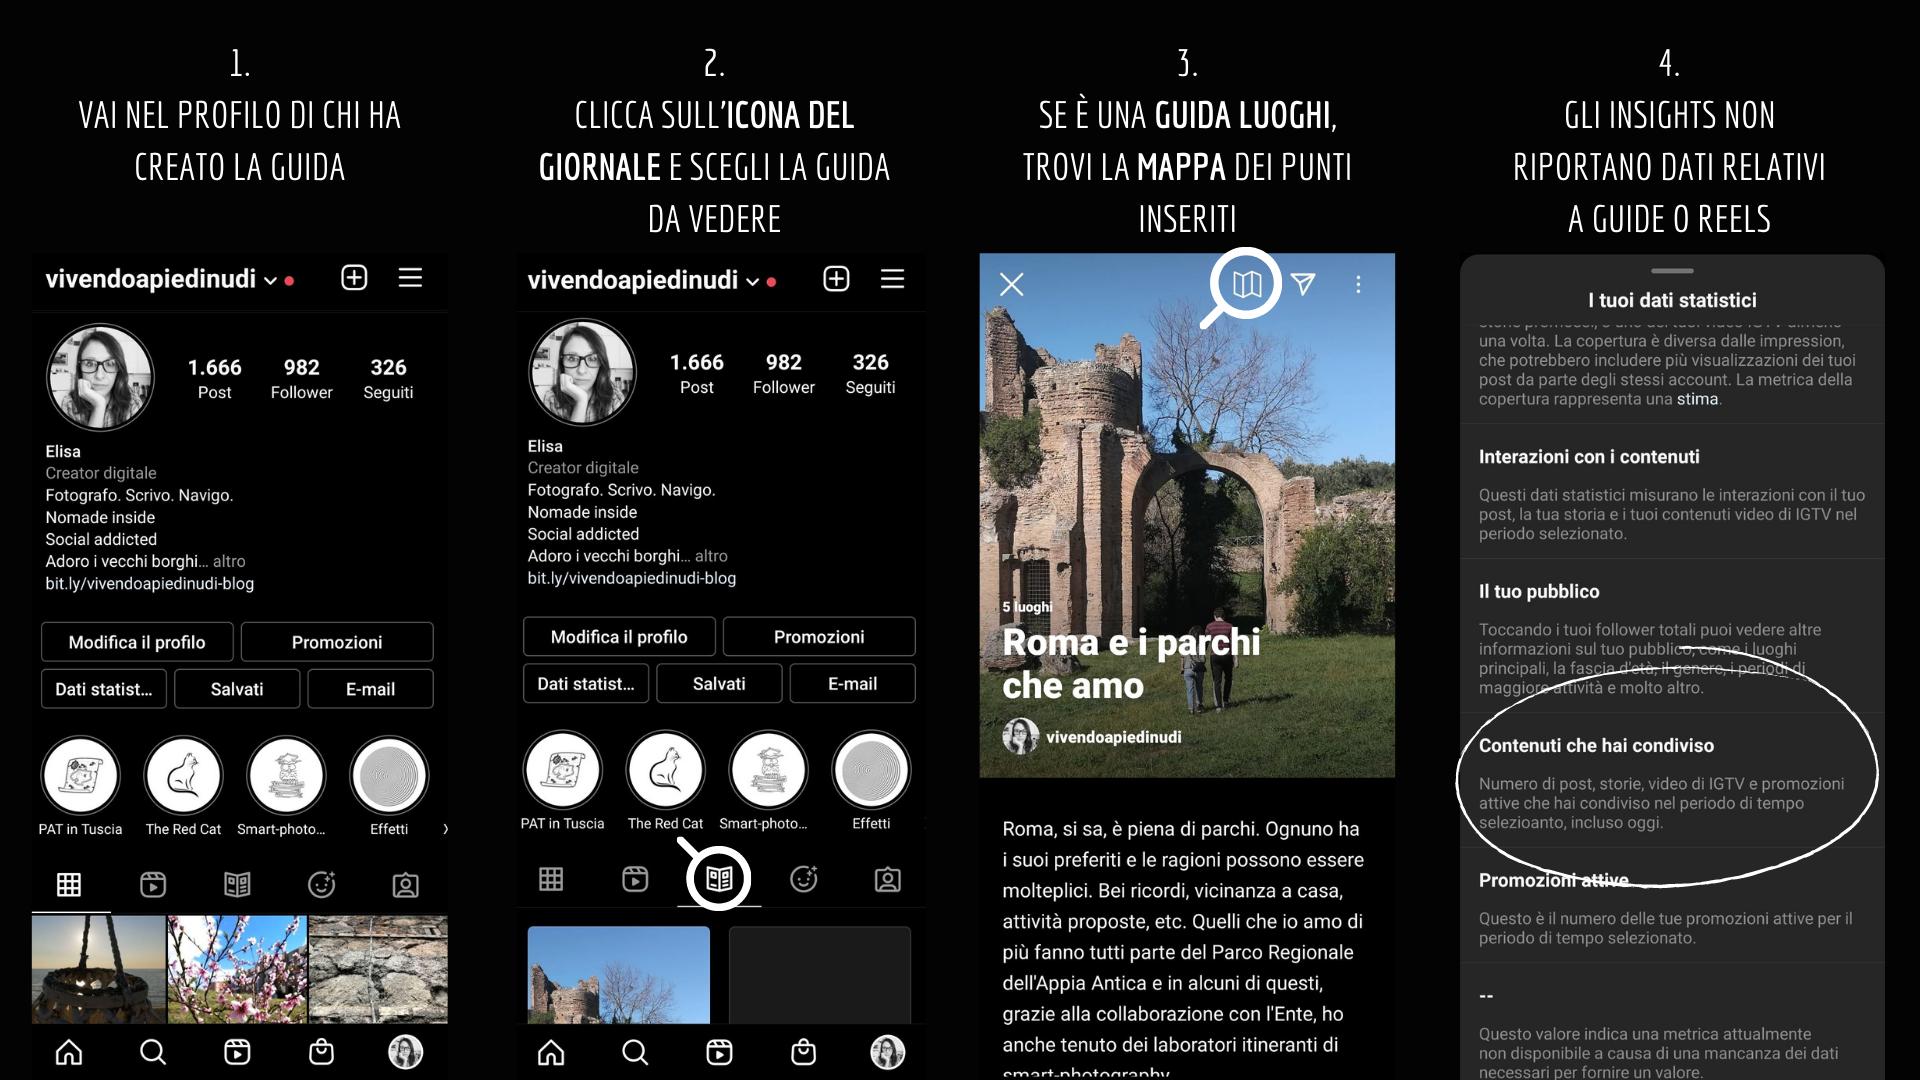 Instagram Guides: suggerimenti e consigli utili